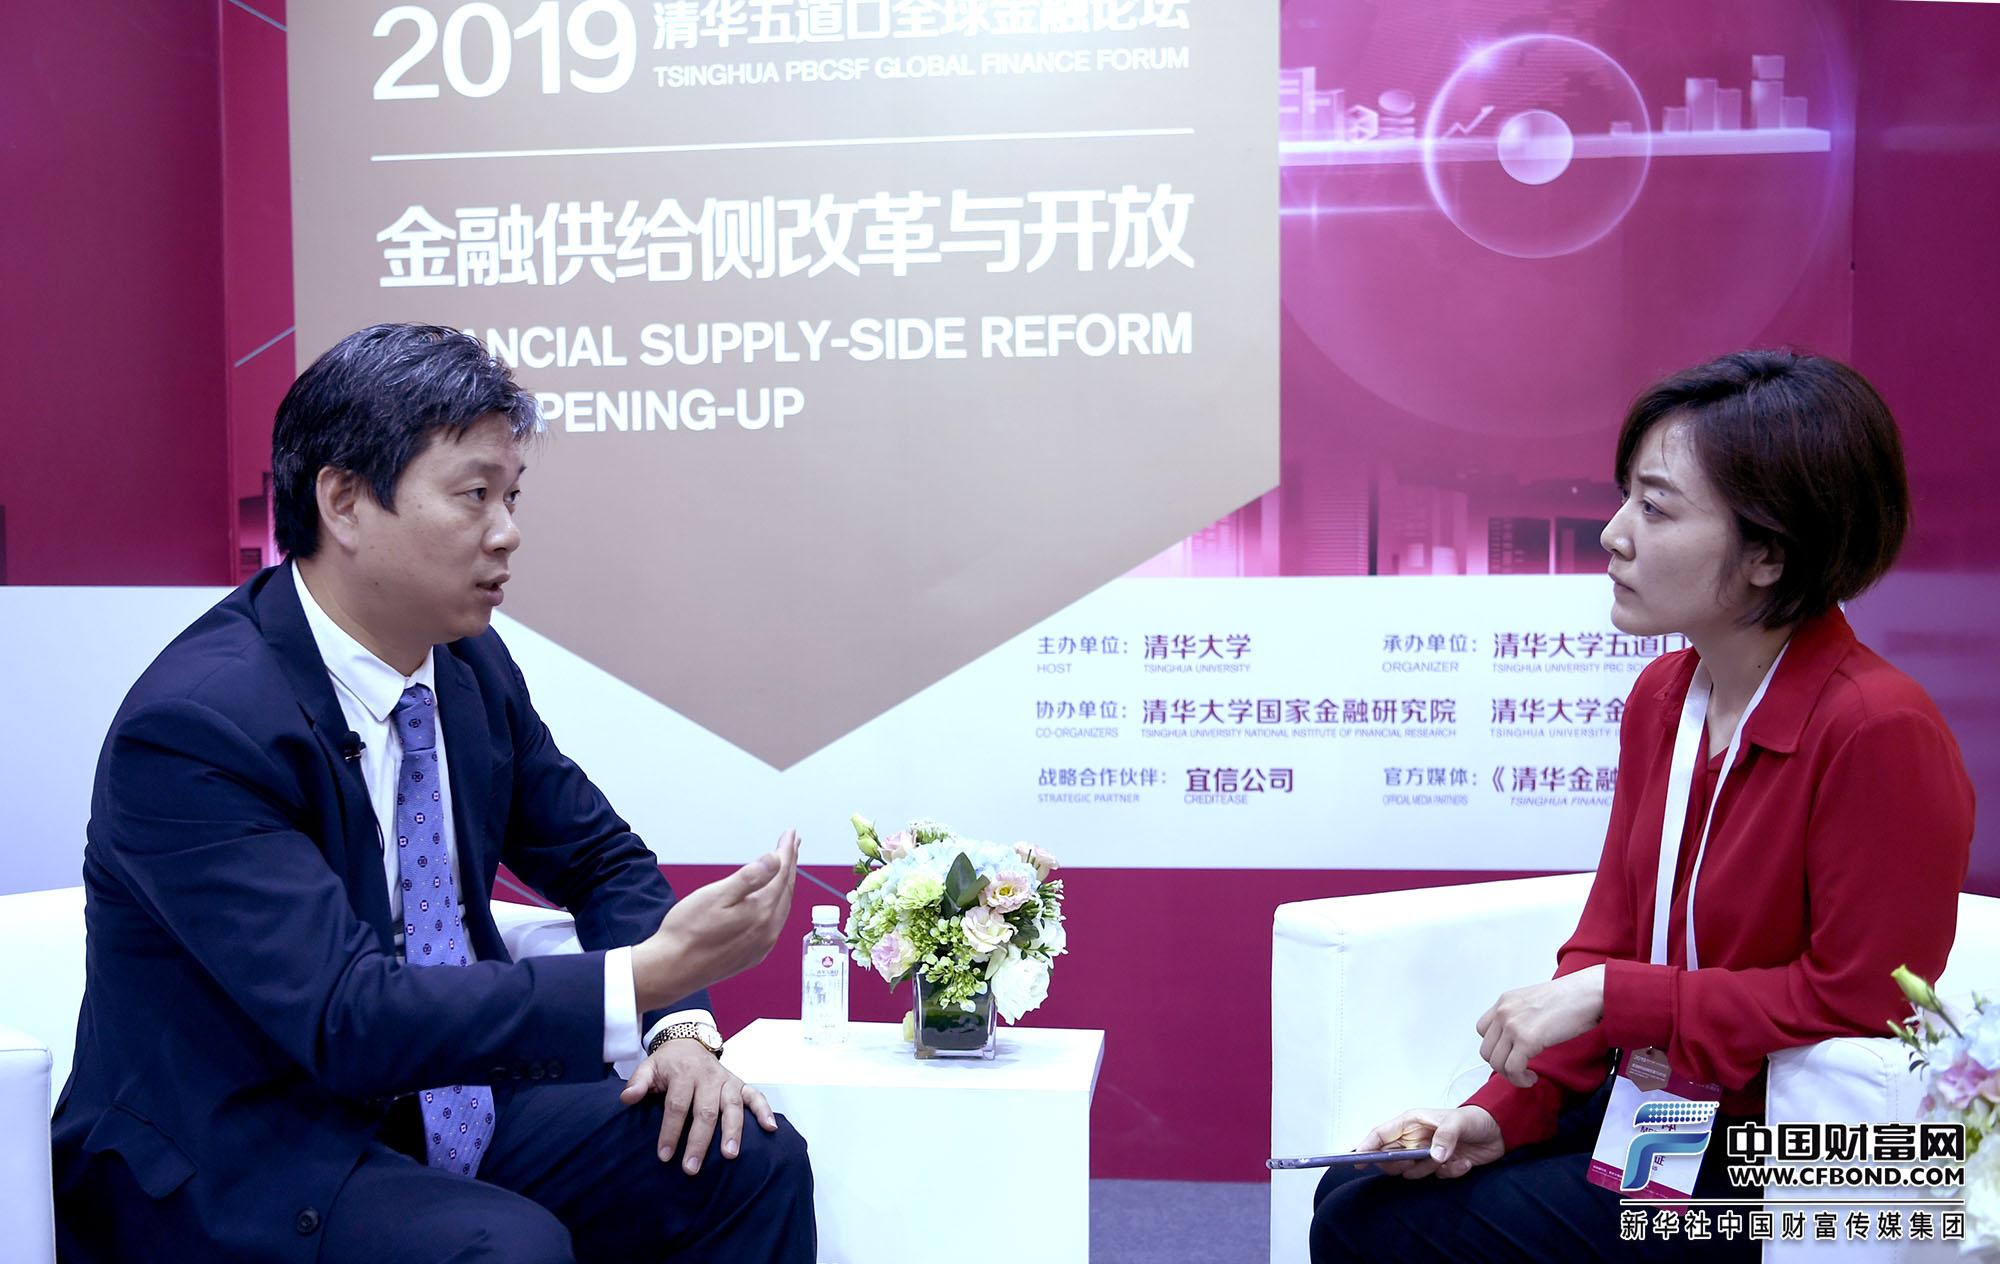 中国财富网记者张静静专访摩根大通董事总经理、中国首席经济学家、大中华区经济研究主管兼中国股票策略主管朱海斌